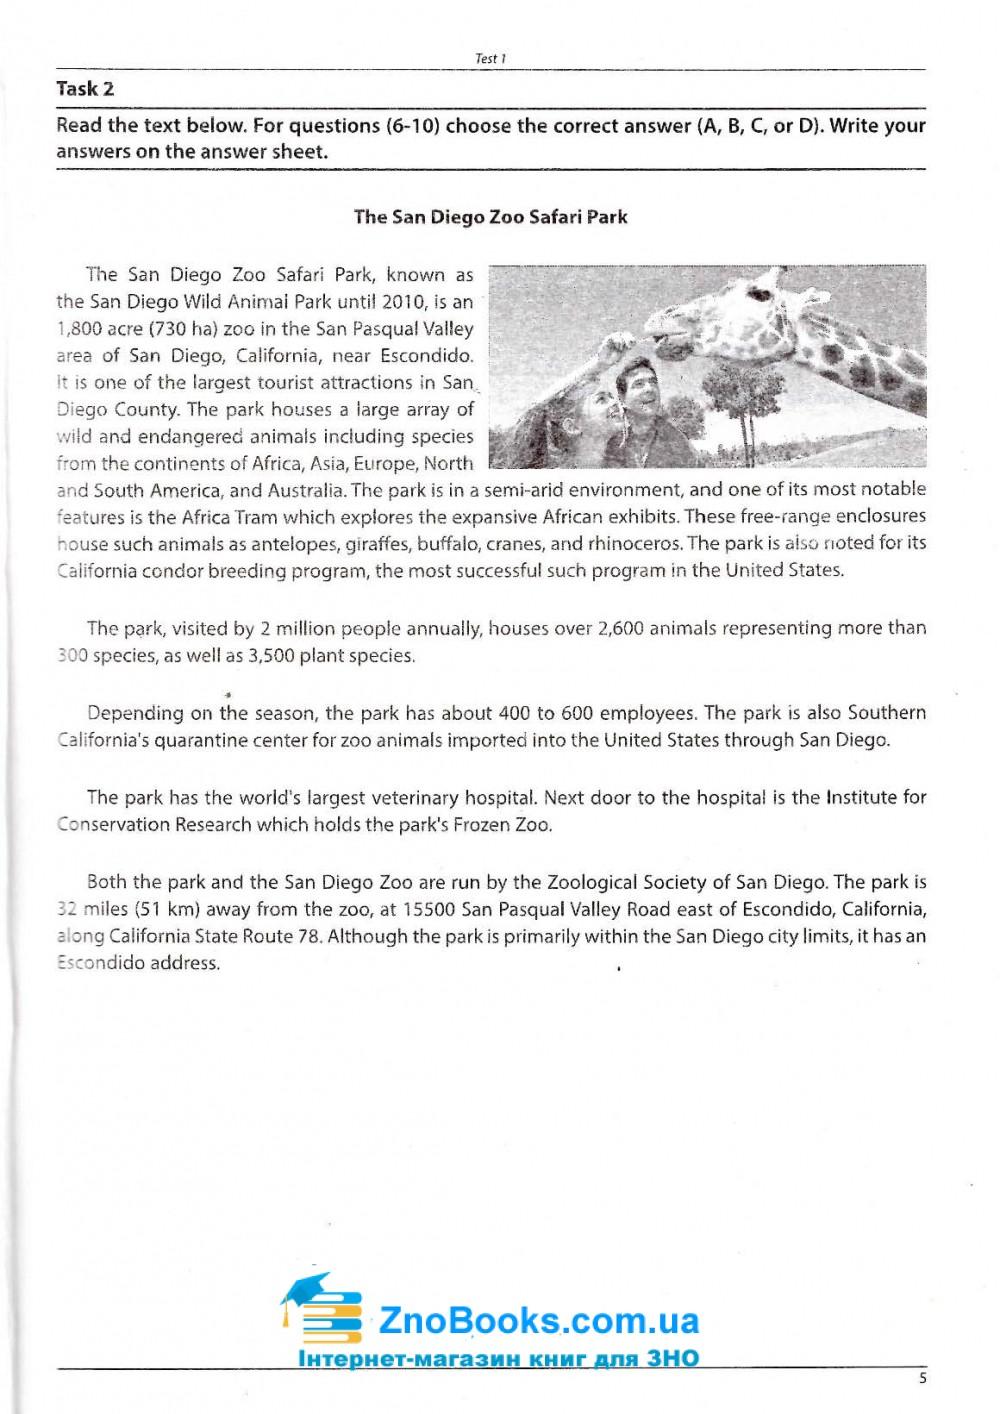 Англійська мова ЗНО 2020. Комплексні тести (20 варіантів тестів у форматі ЗНО) : Євчук О., Доценко І. Абетка. купити 5